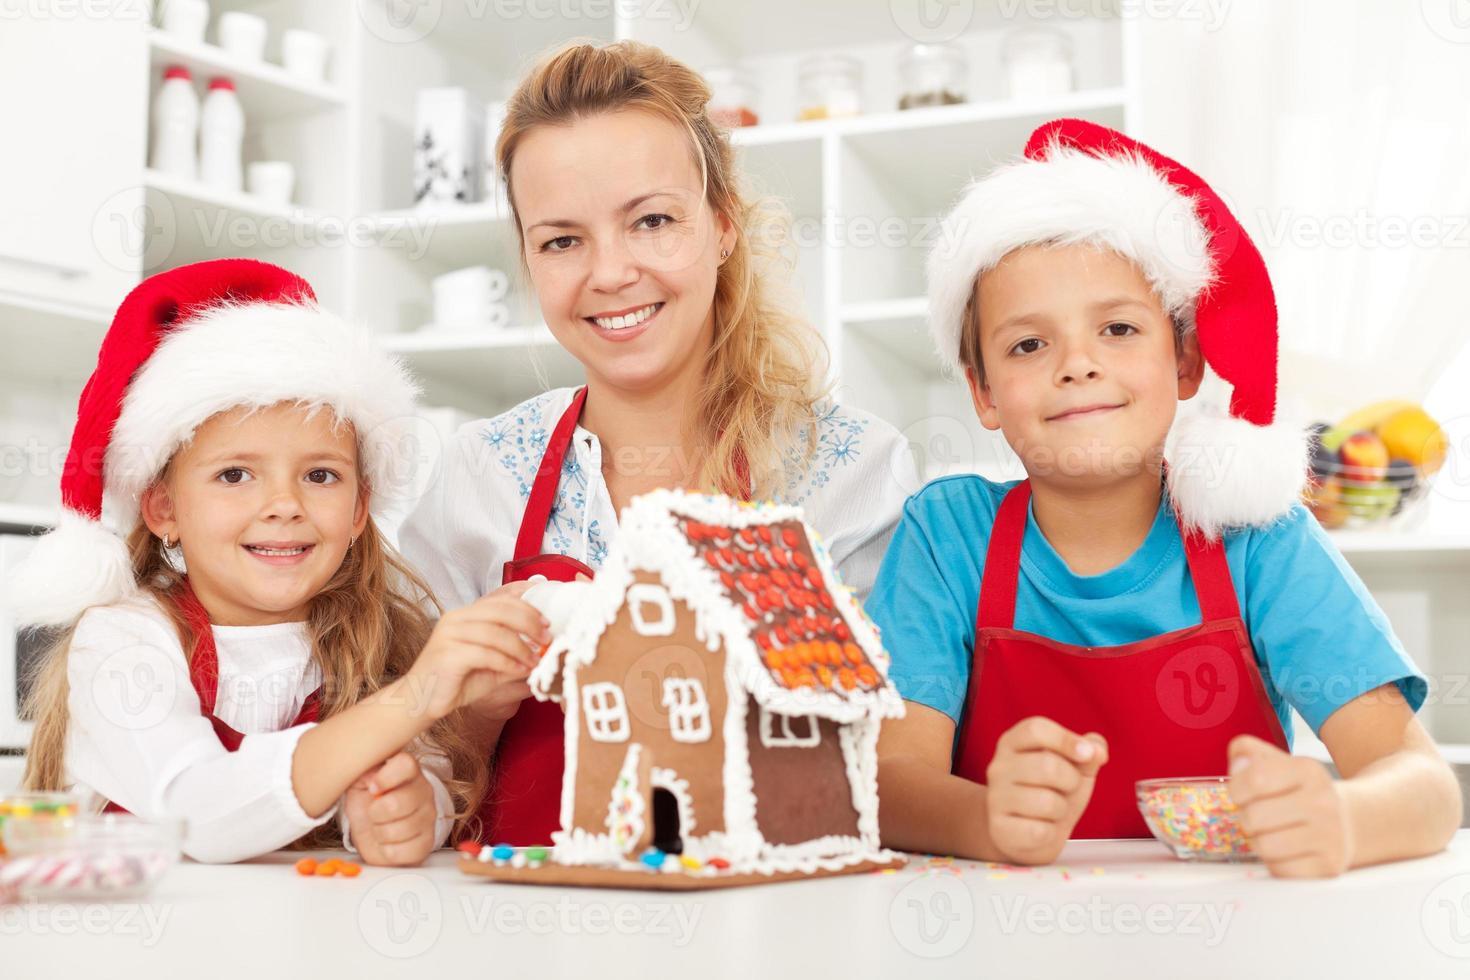 famille heureuse de Noël dans la cuisine photo